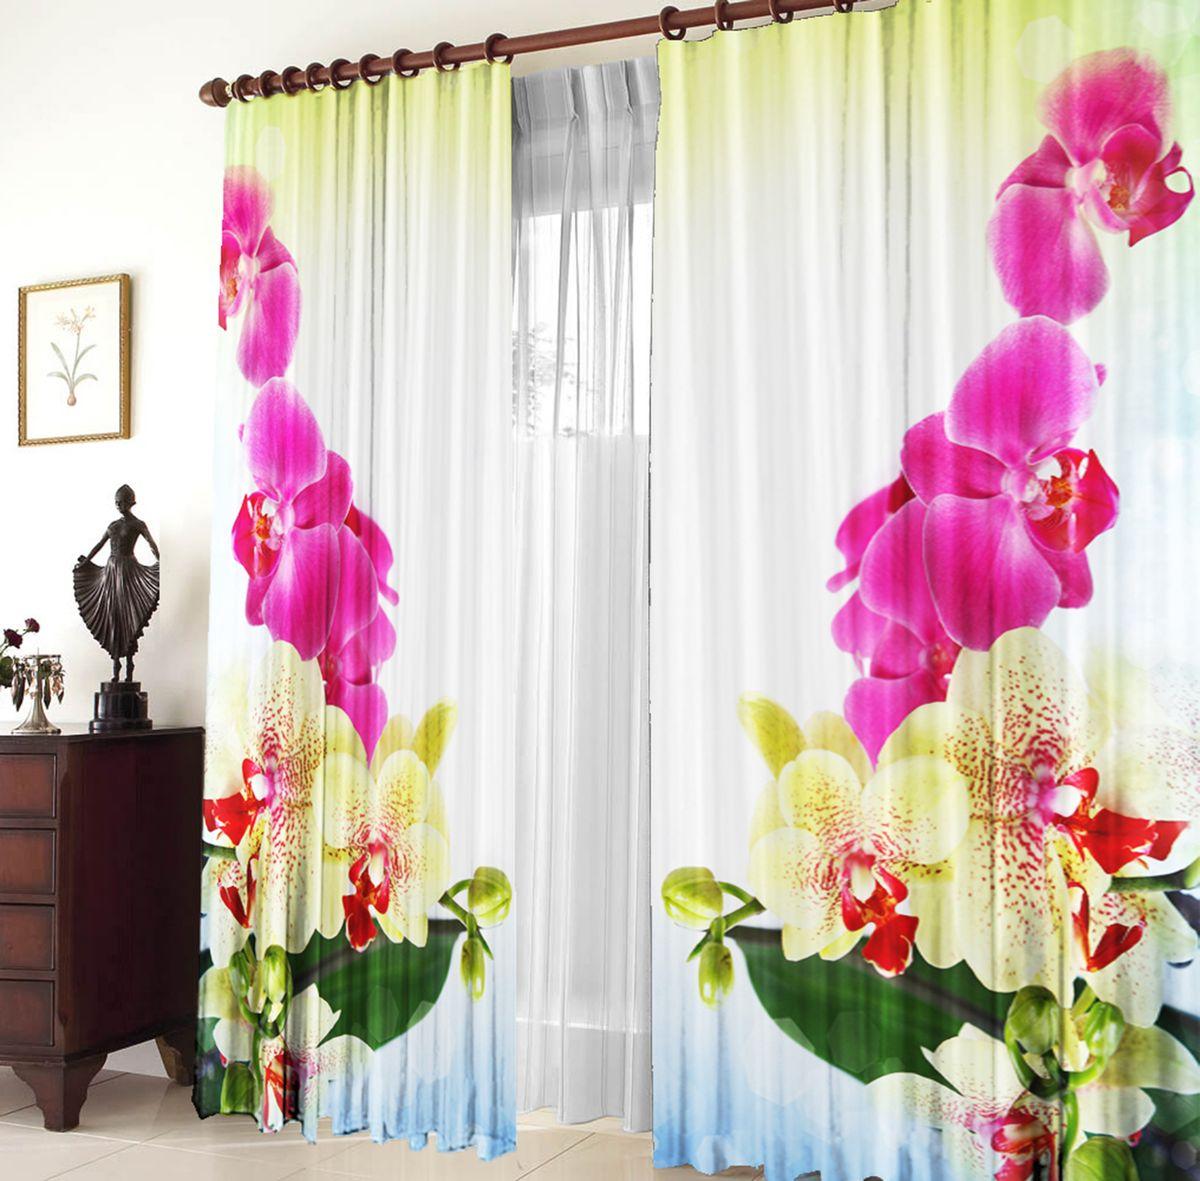 Комплект фотоштор Zlata Korunka Тигровая орхидея, на ленте, высота 270 см21033Комплект фотоштор Zlata Korunka изготовлен из габардиновой ткани высочайшего качества. Фотошторы способны не пропускать самый яркий свет, их можно гладить и стирать. Рекомендации по уходу: бережная стирка при 30°С, деликатный отжим, отбеливание запрещено, гладить при температуре не более 150°С. Светопоглощение 70%. Плотность ткани: 150 г/м2. Оттенок изделия может отличаться от представленного на сайте в силу особенностей цветопередачи фототехники и вашего монитора.